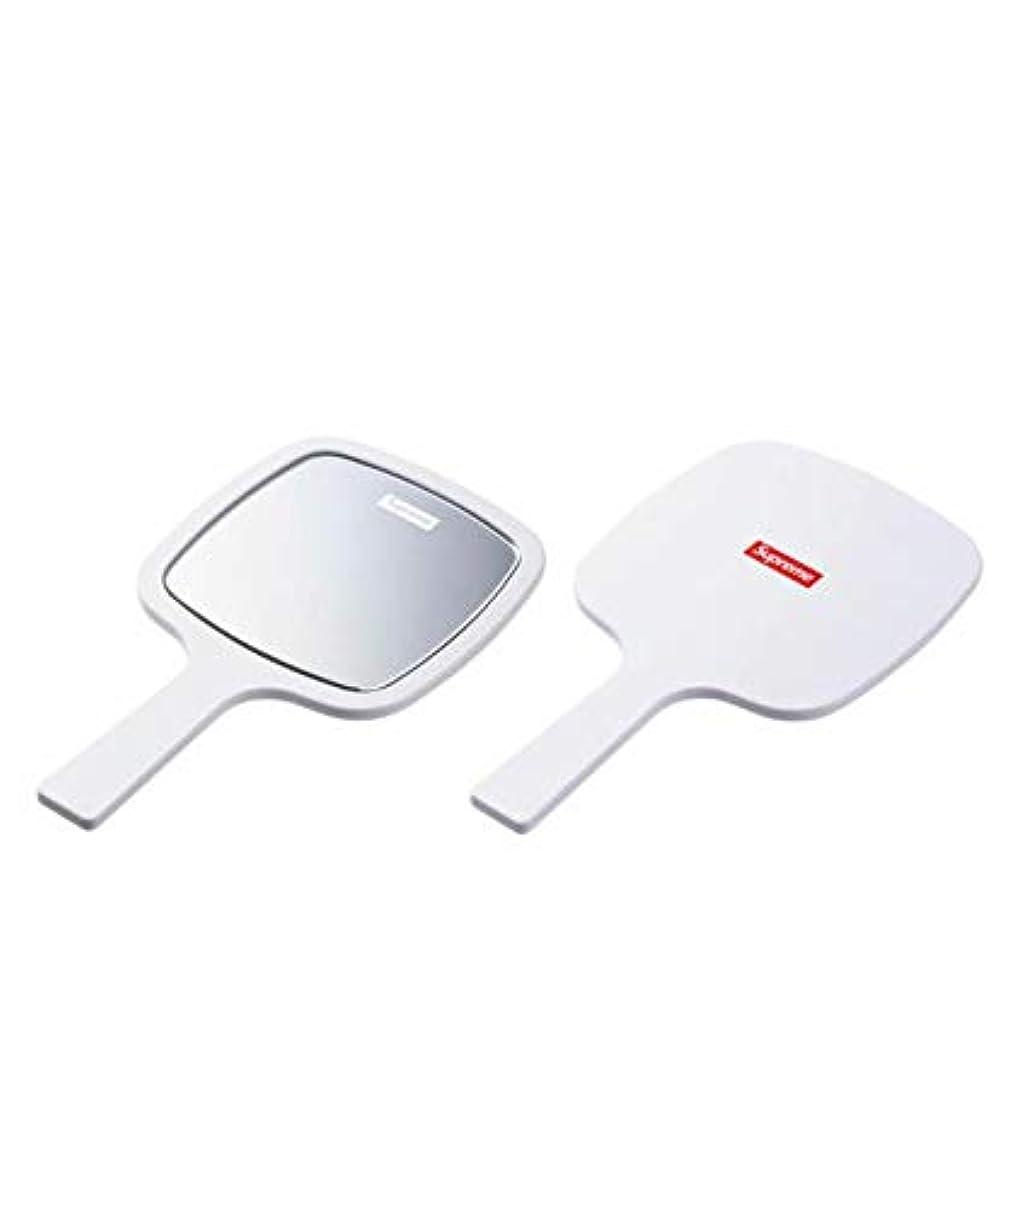 副節約する空気Supreme Hand Mirror シュプリーム ハンドミラー